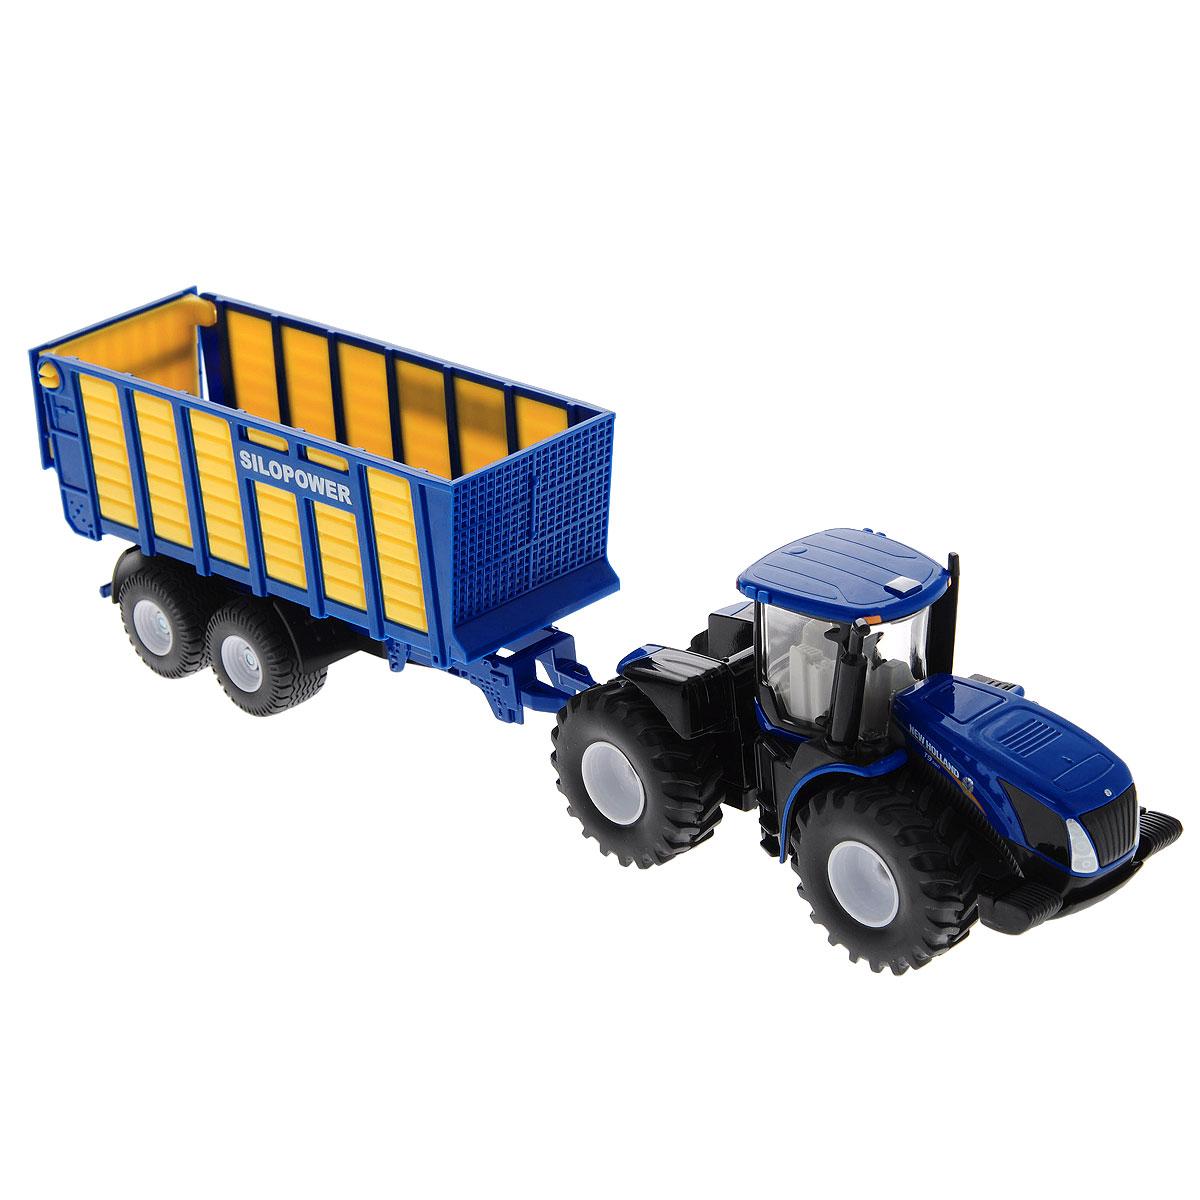 Siku Трактор New Holland T с прицепом1947Коллекционная модель Siku Трактор с прицепом выполнена в виде точной копии трактора с прицепом в масштабе 1/50. Такая модель понравится не только ребенку, но и взрослому коллекционеру и приятно удивит вас высочайшим качеством исполнения. Корпус трактора и шасси прицепов выполнены из металла, кузов прицепа и кабина трактора из пластика, а стекла кабины трактора из прозрачного пластика. Прицеп кузова прицепляется к трактору с помощью дополнительного прицепа с седельным сцепным устройством. Задний борт прицепа открывается. Колесики модели вращаются. Коллекционная модель отличается великолепным качеством исполнения и детальной проработкой, она станет не только интересной игрушкой для ребенка, интересующегося агротехникой, но и займет достойное место в коллекции.